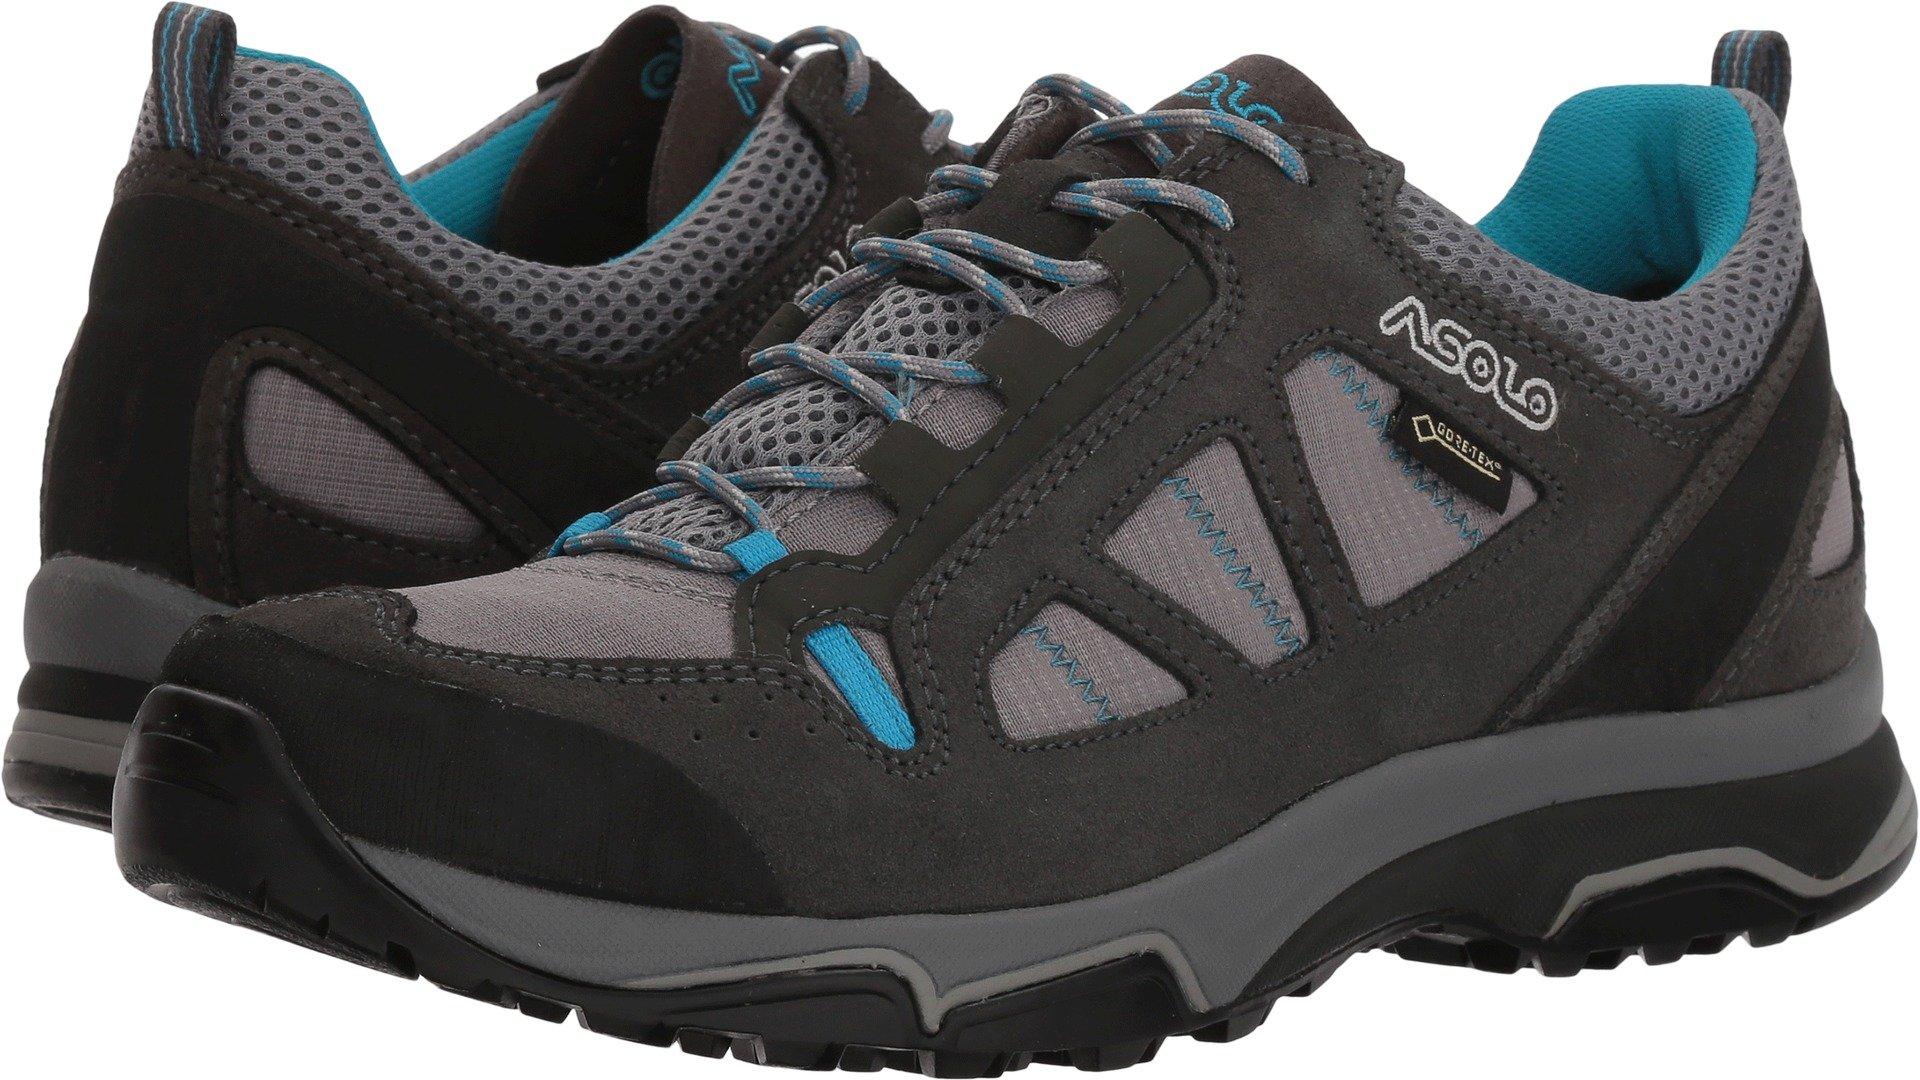 Asolo Women's Megaton GV Hiking Shoe Graphite Stone/Cyan Blue - 7.5 by Asolo (Image #1)